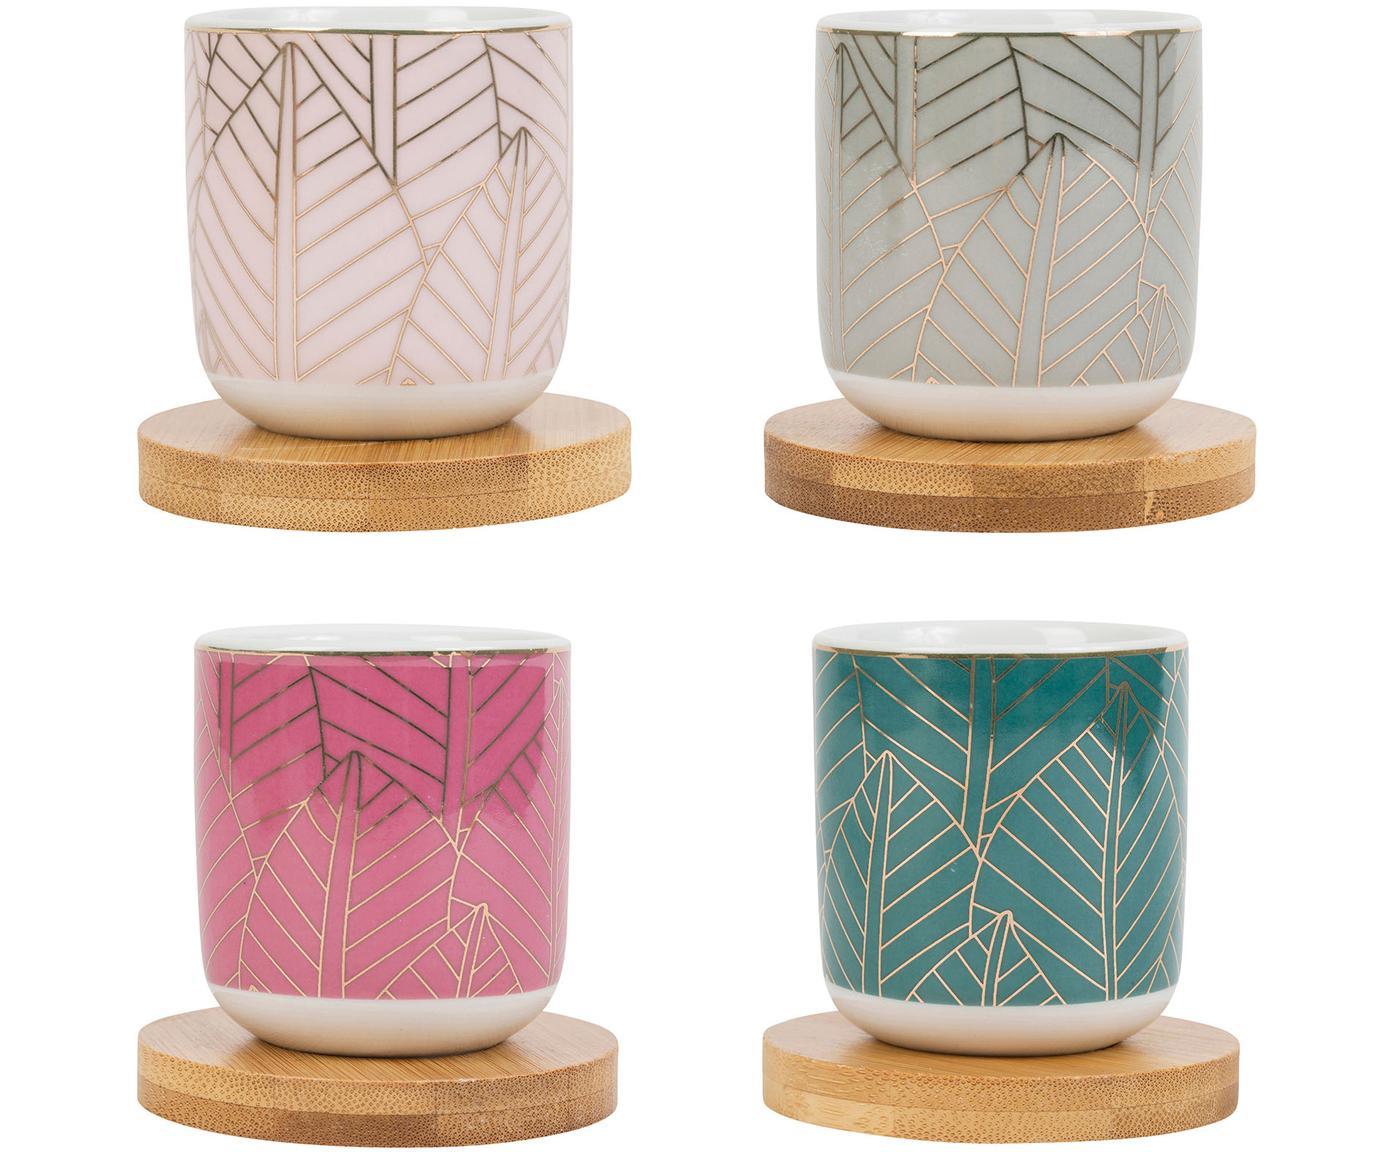 Komplet kubków XS z bambusową podstawką Orfe, 8 elem., Wielobarwny, Ø 6 x W 7 cm